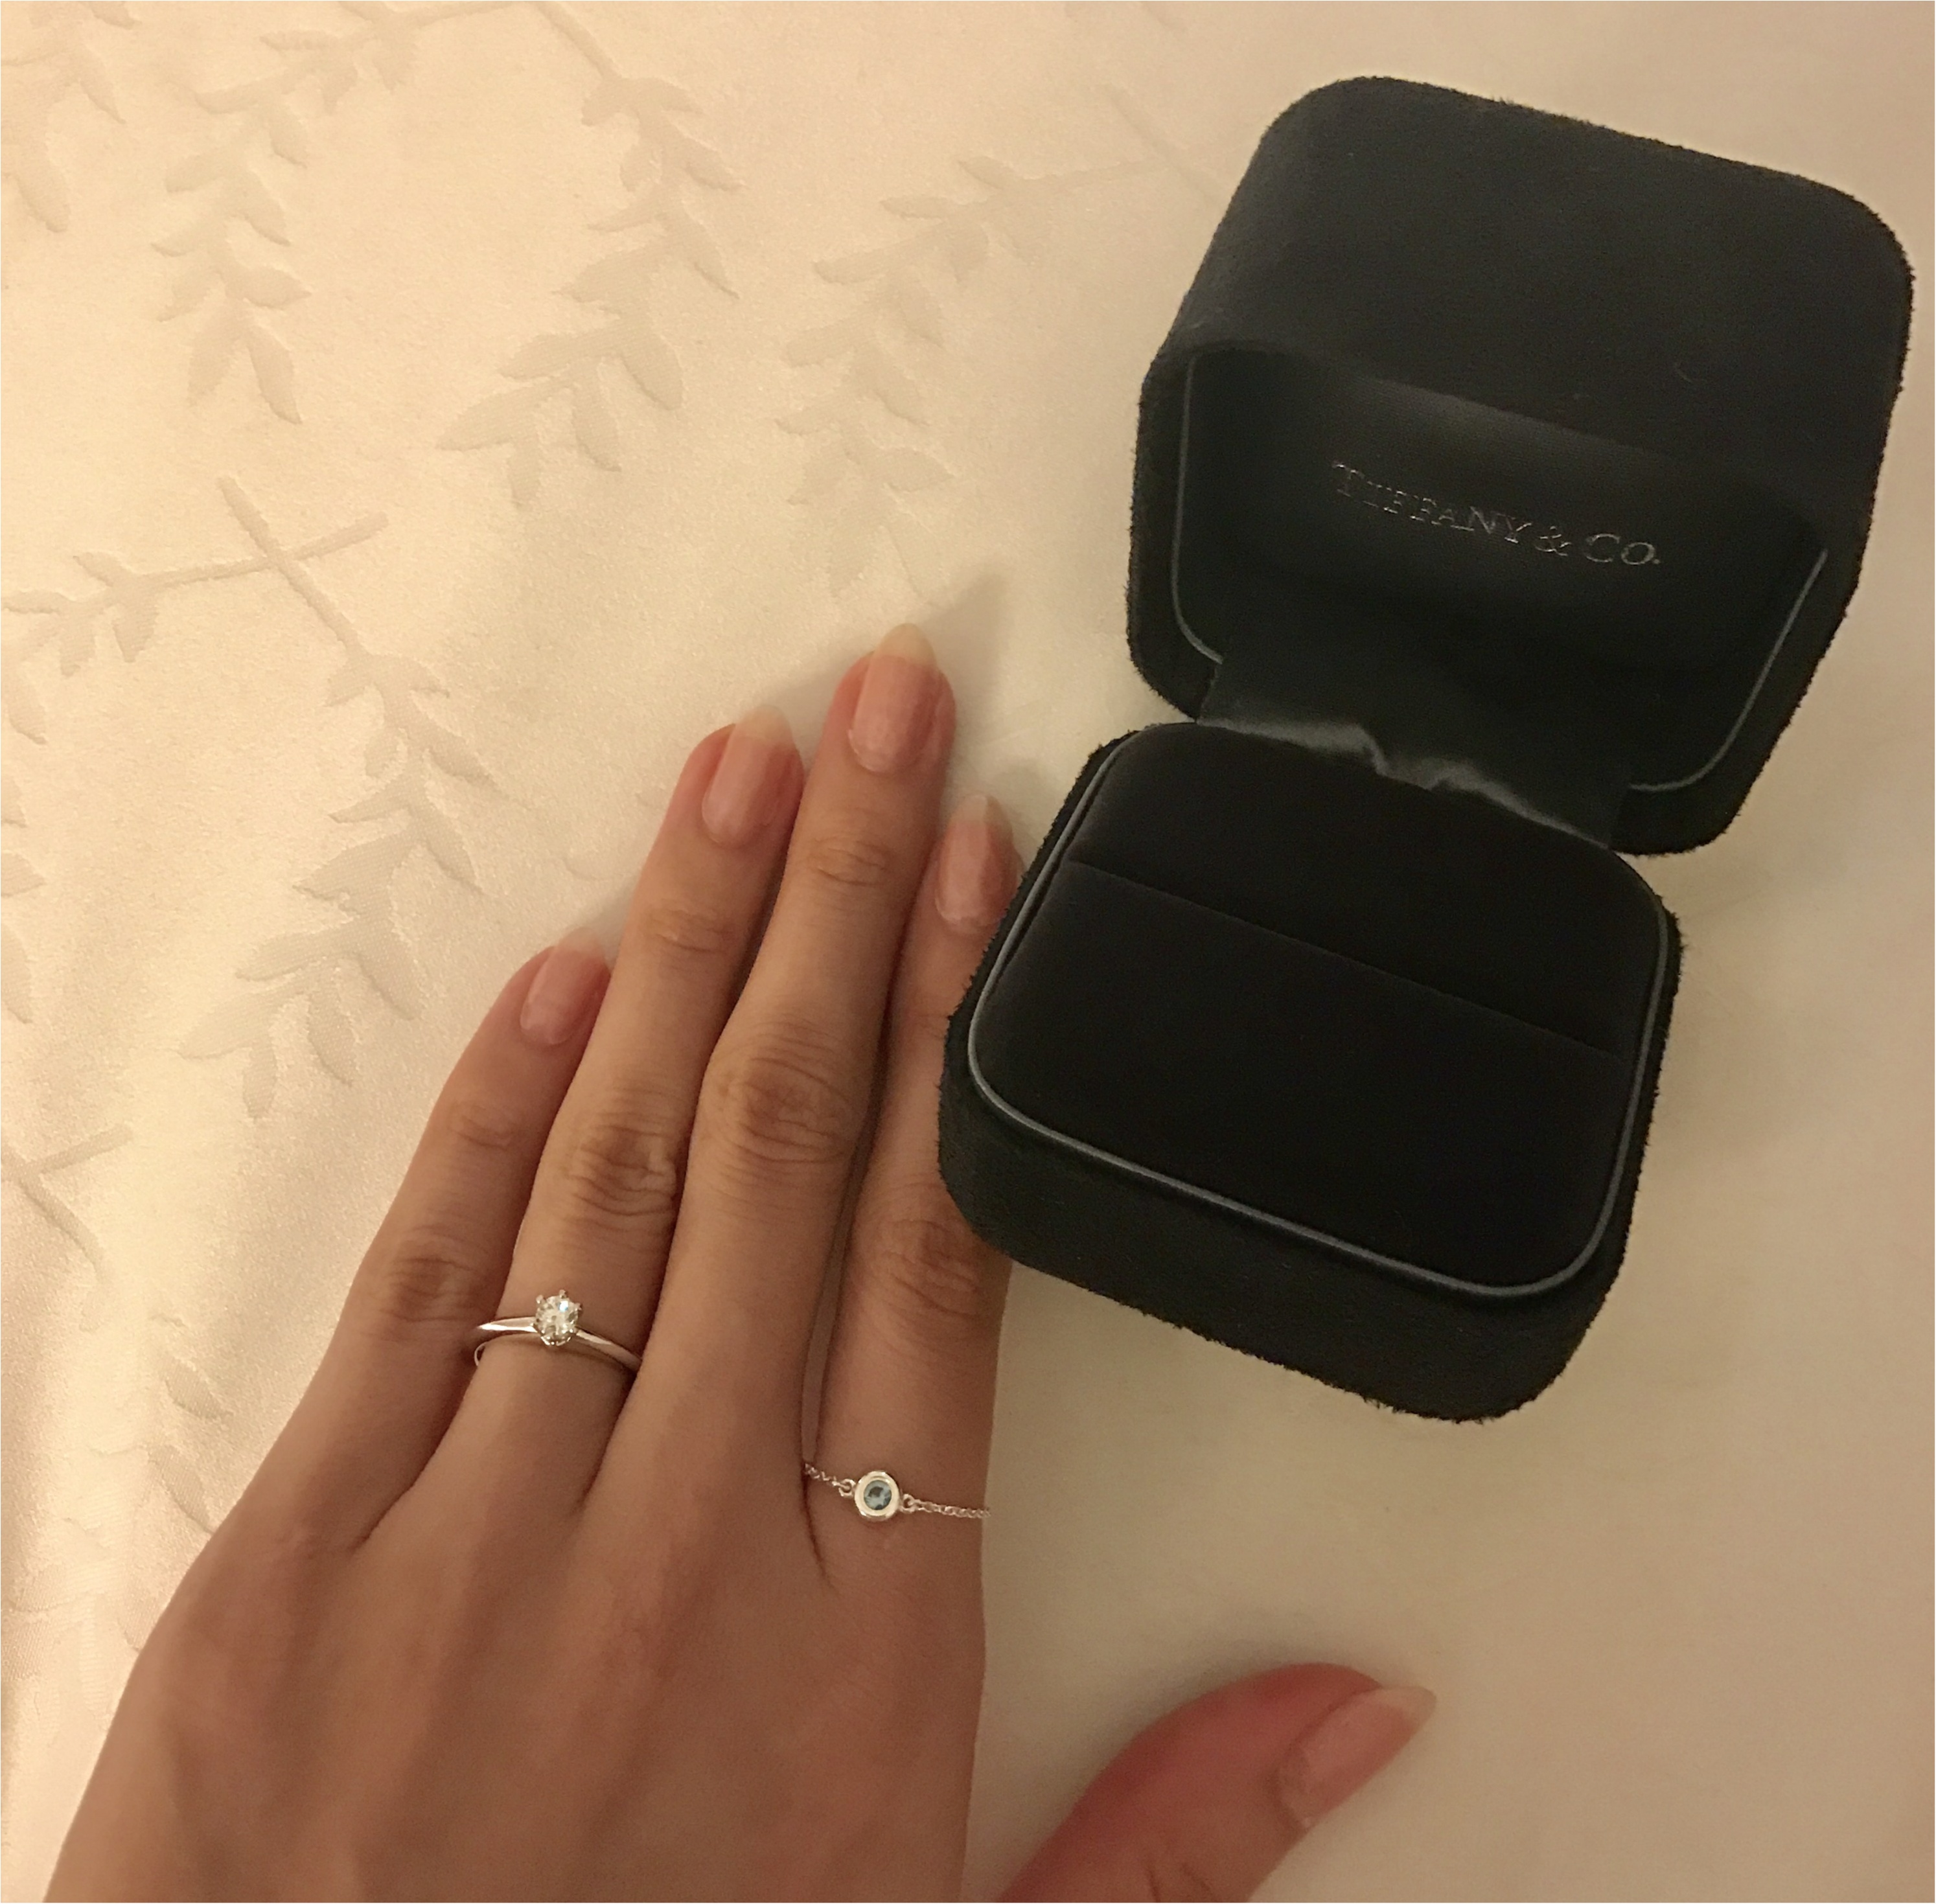 プロポーズ特集 - 場所や指輪はどうする? 感動のサプライズ体験まとめ_8